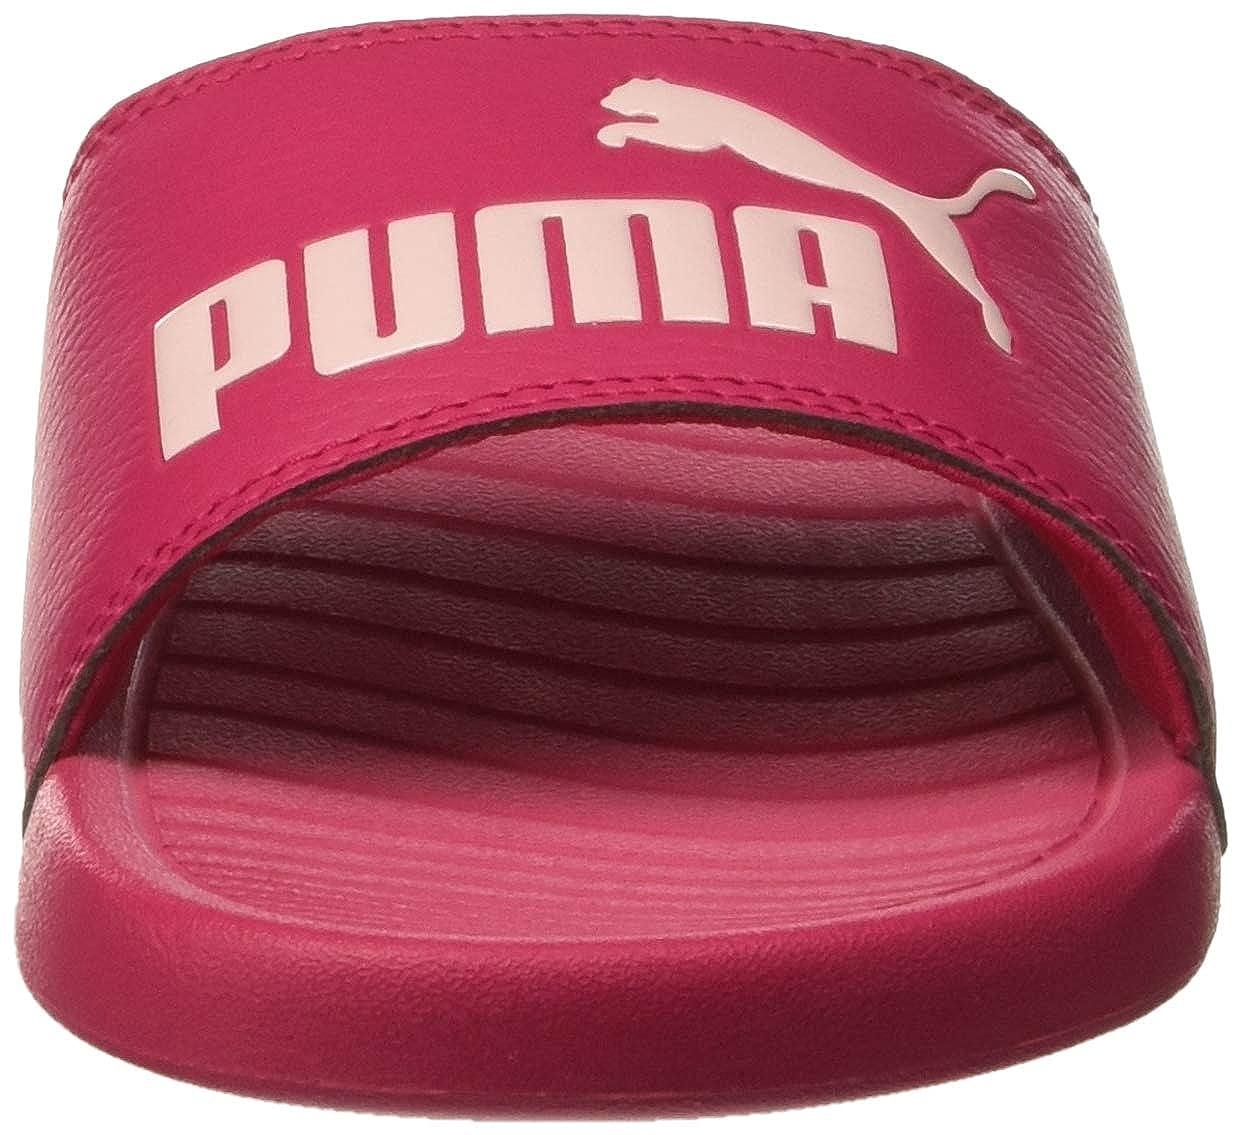 Zapatos de Playa y Piscina para Mujer PUMA Popcat 20 Wns